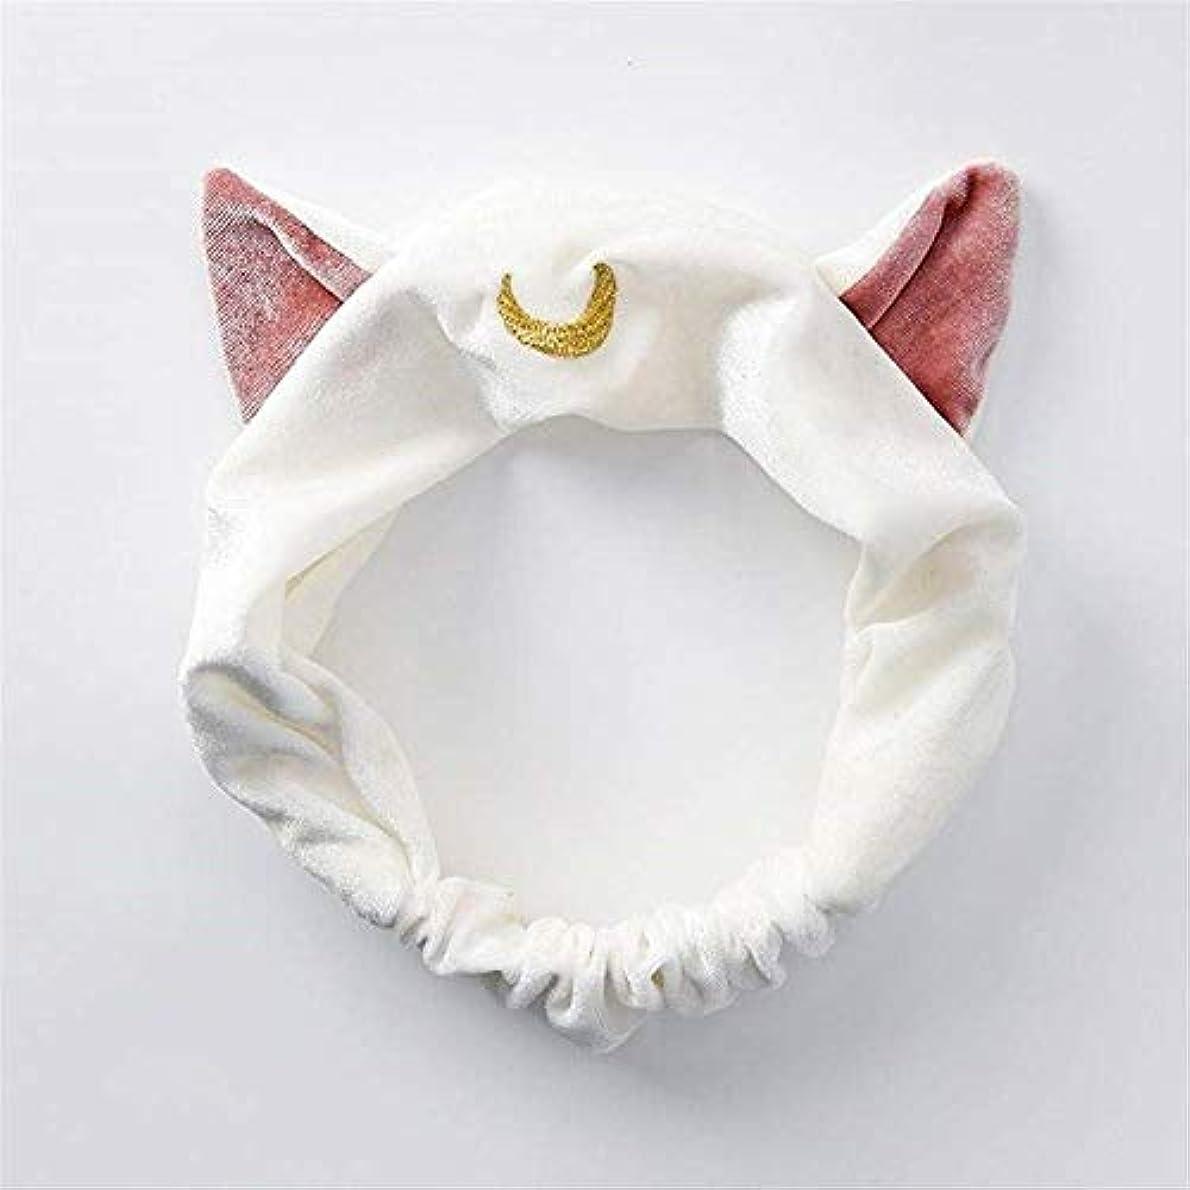 スクリューできない明快ファッションセーラームーンアルテミス風のヘアバンドかわいい猫美容シャワーヘッドバンド(ホワイト)